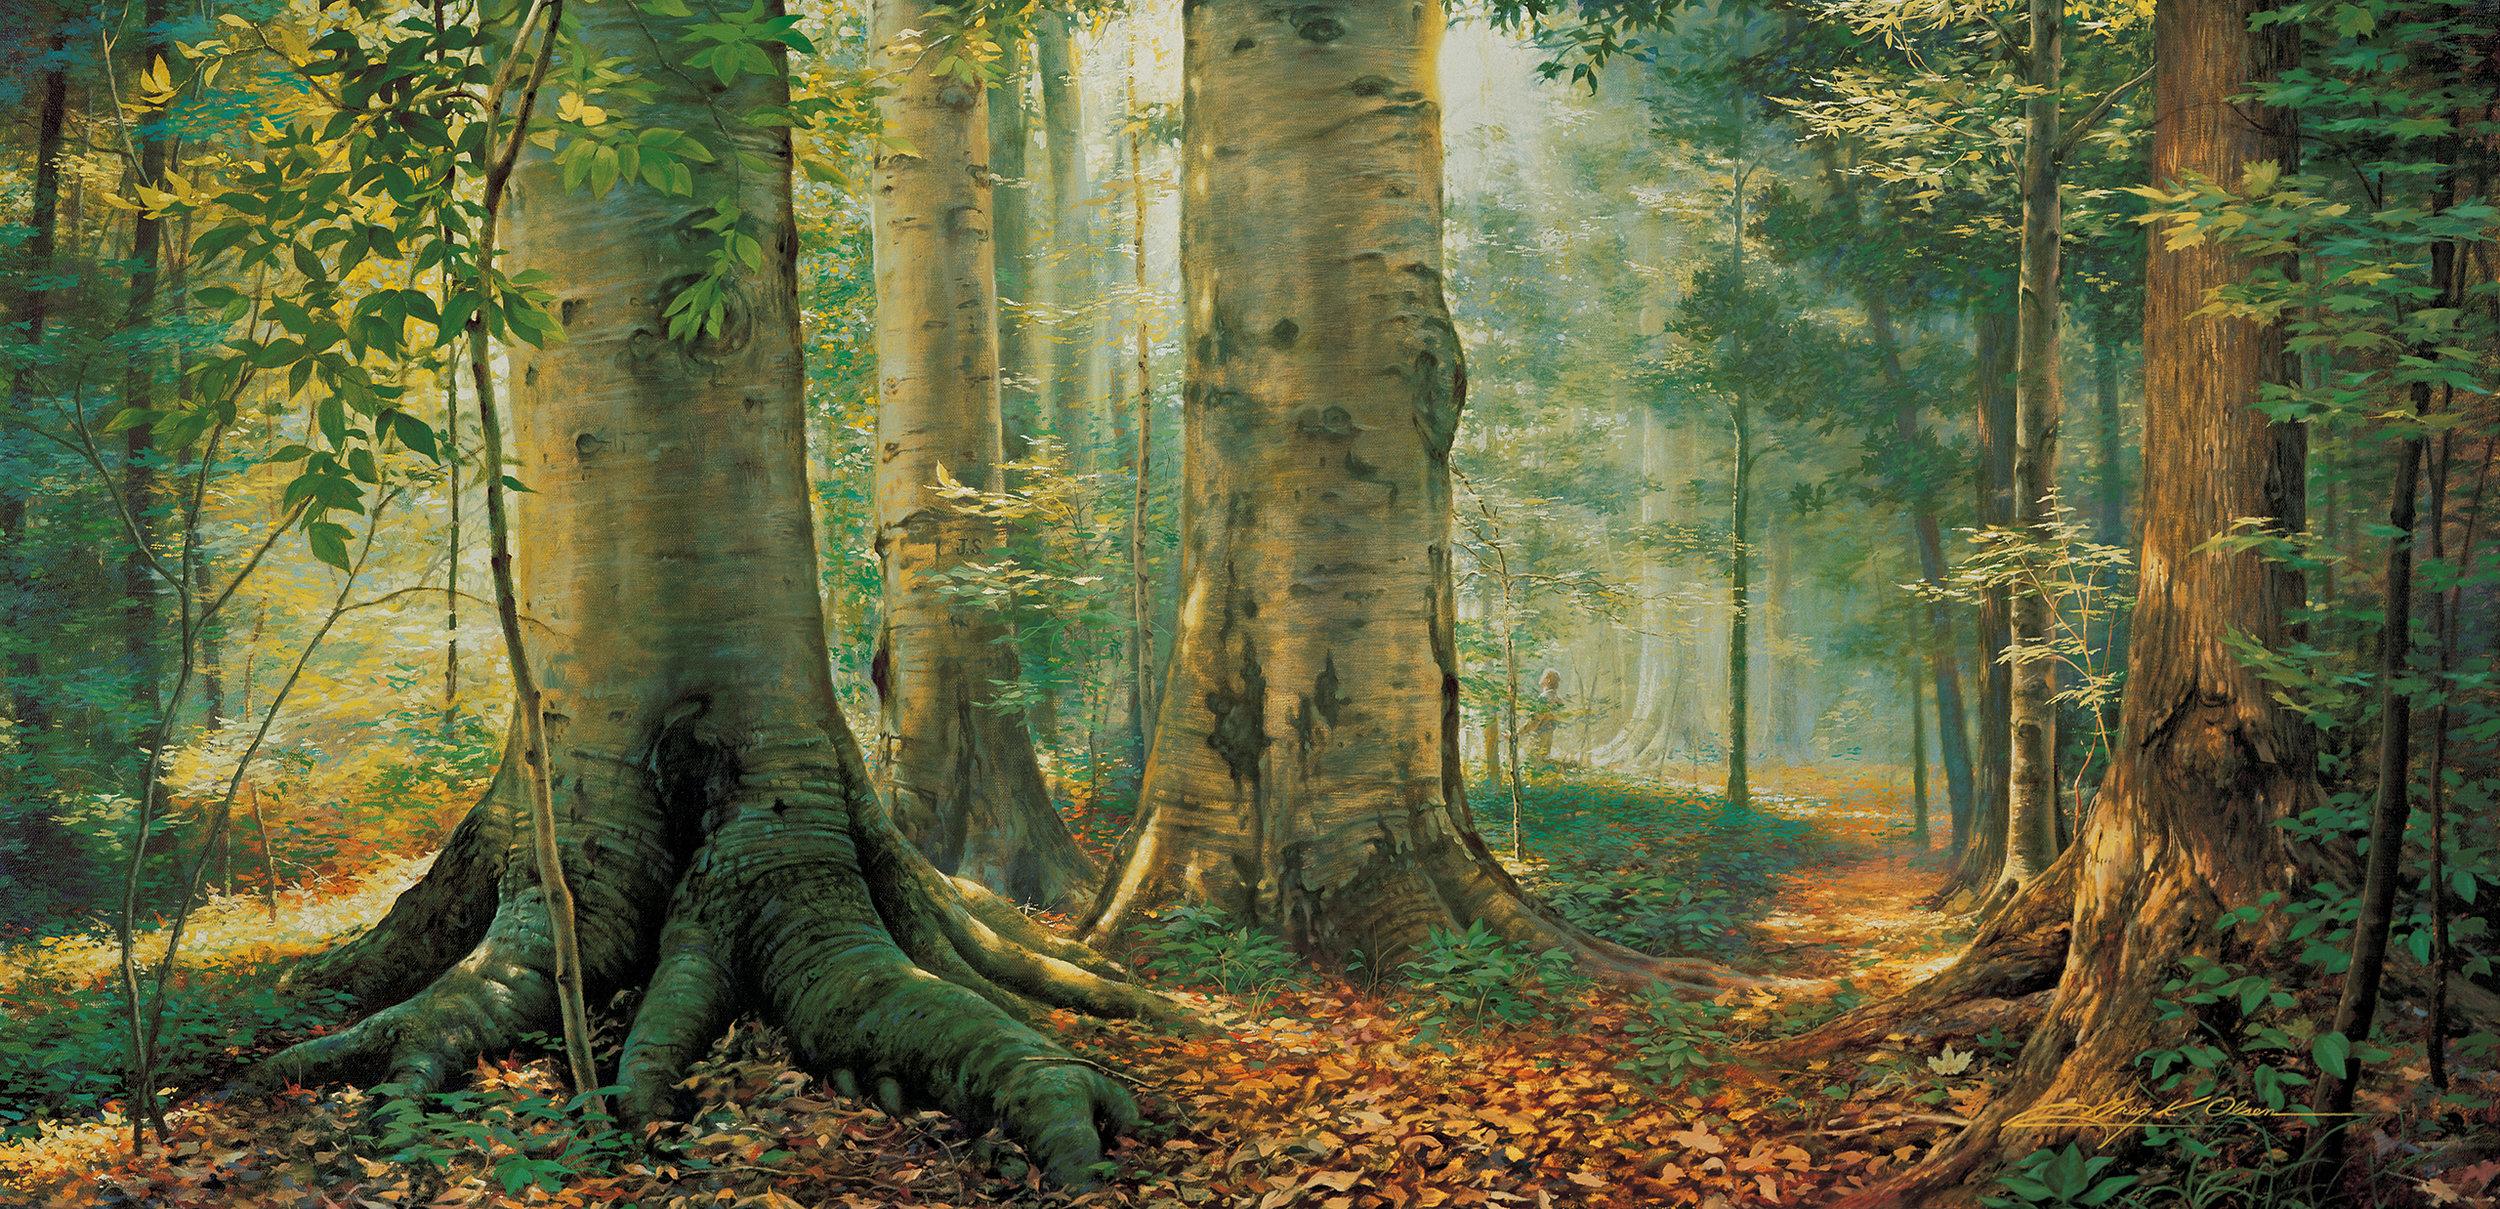 art-greg-olsen-sacred-grove-1389010-wallpaper.jpg